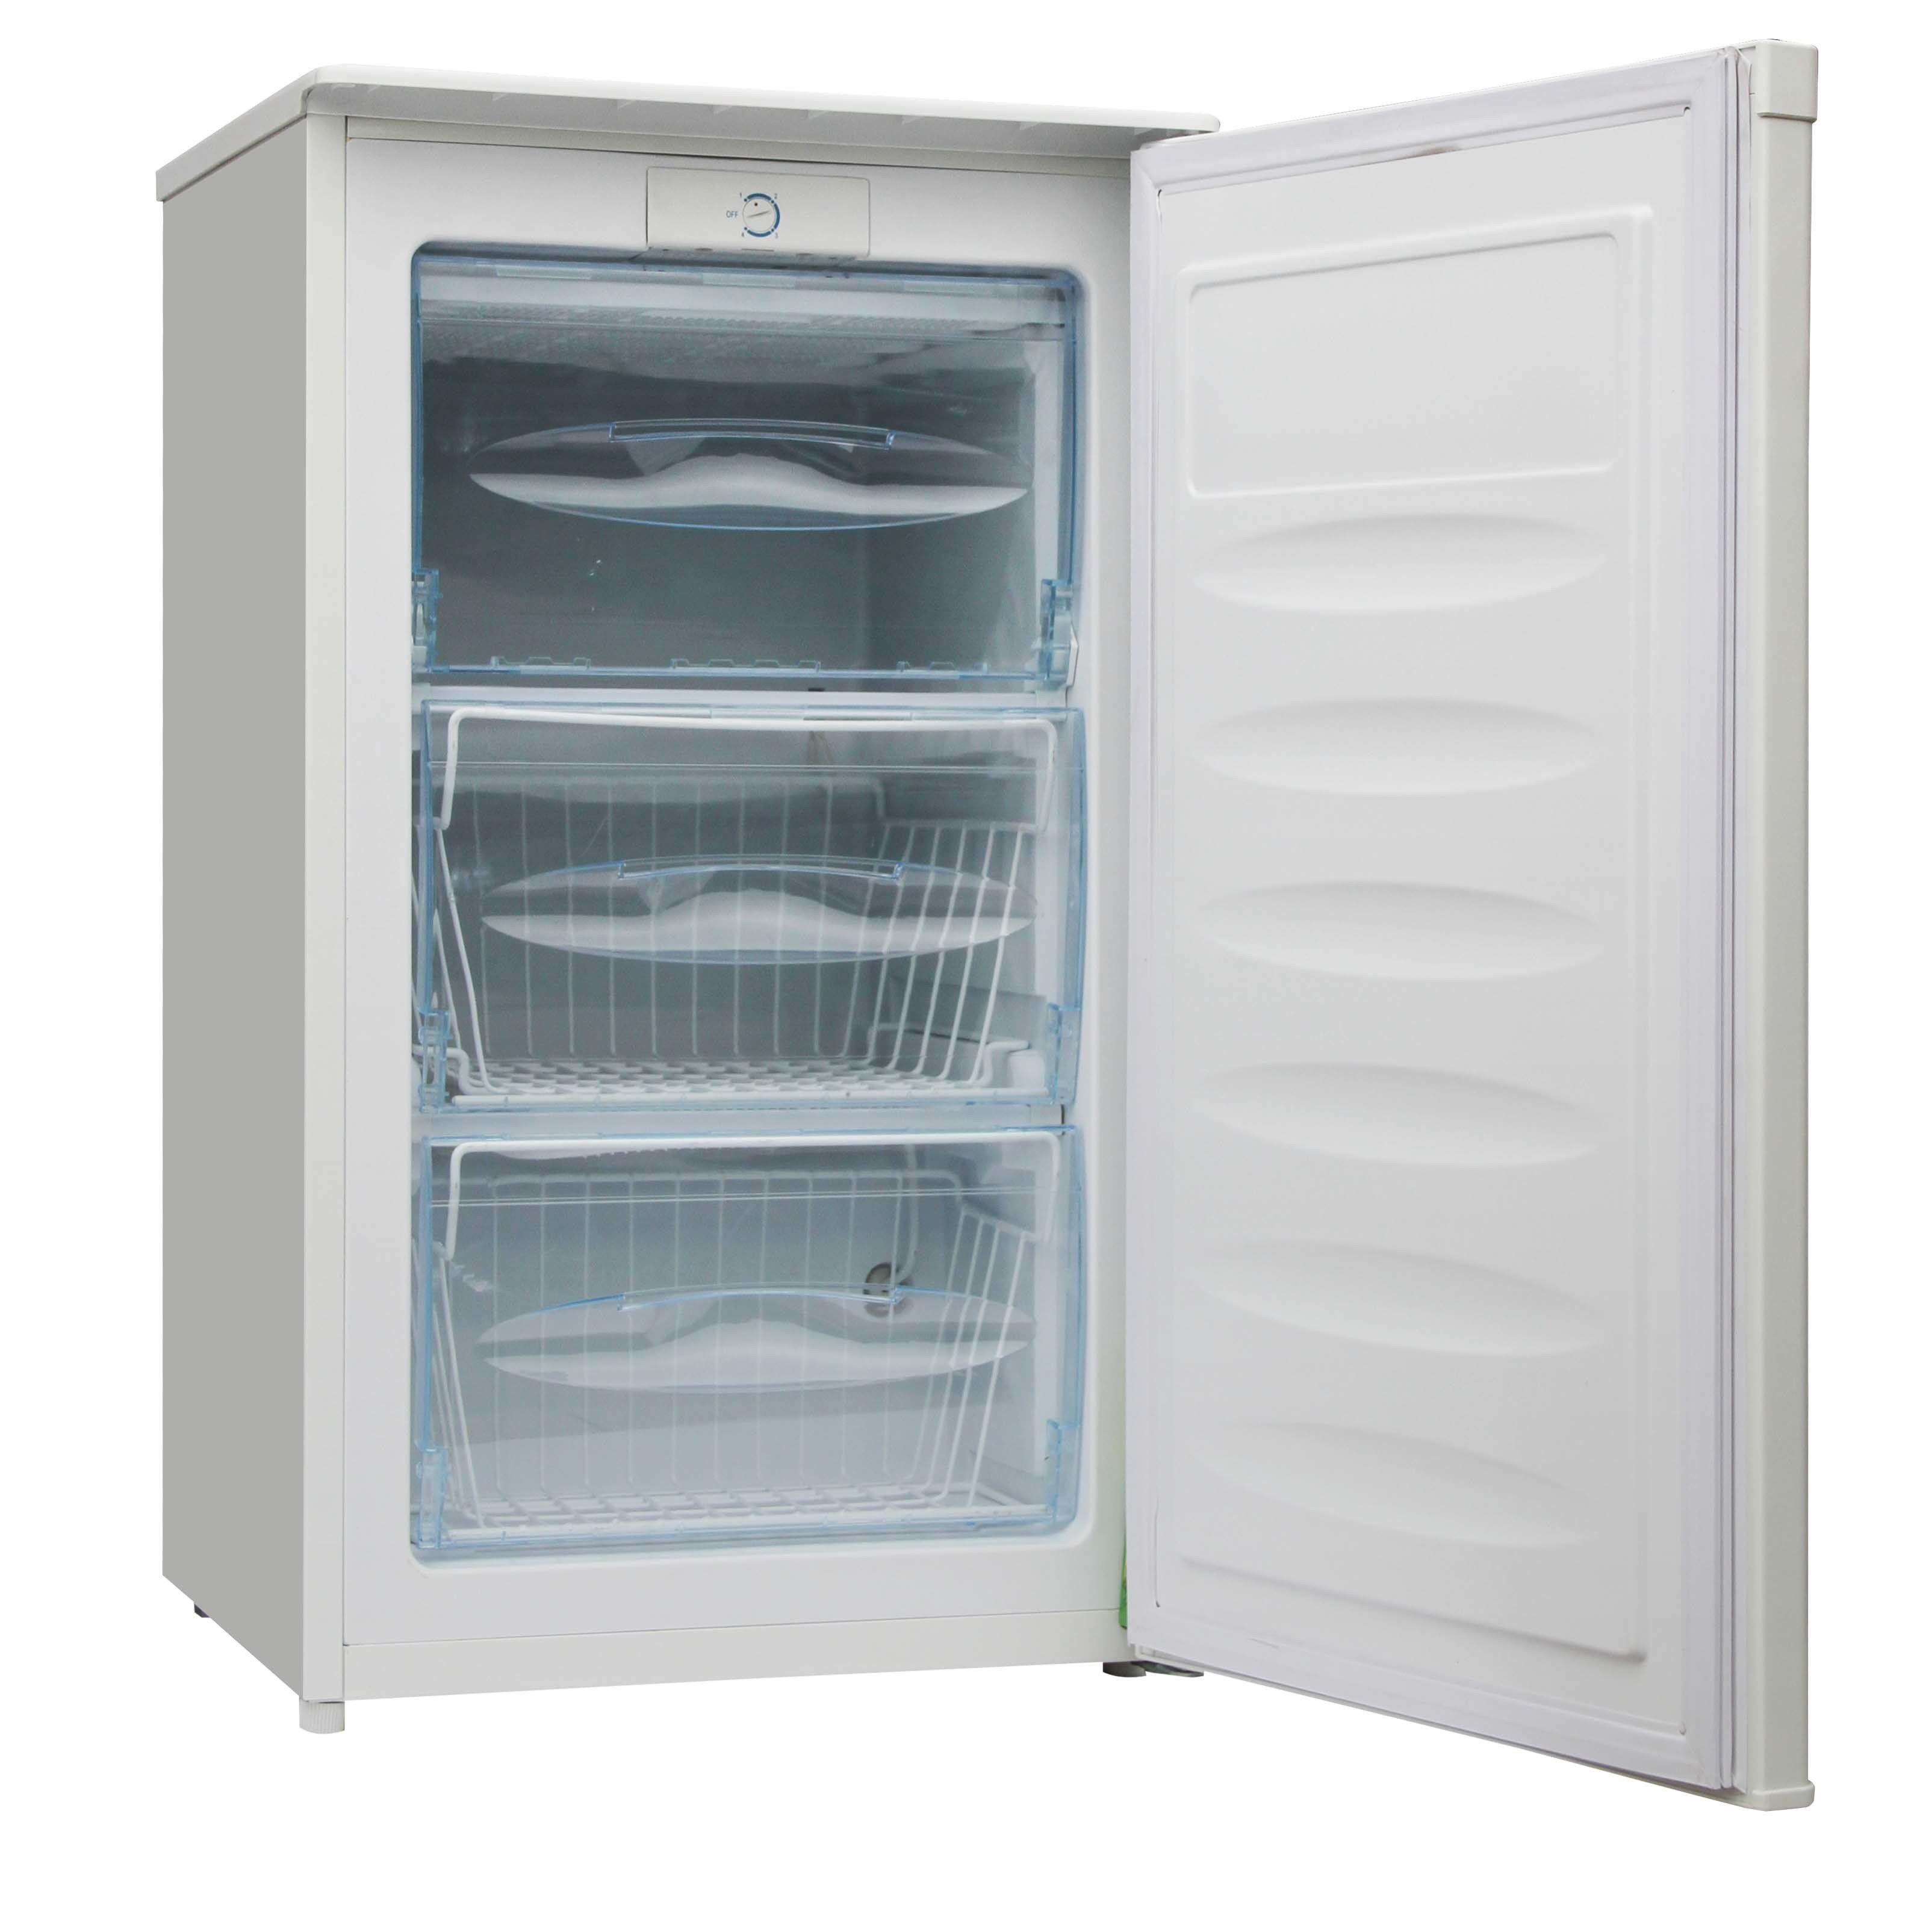 FRIGELUX Congélateur armoire TOP CV 139 A Achat Congélateur